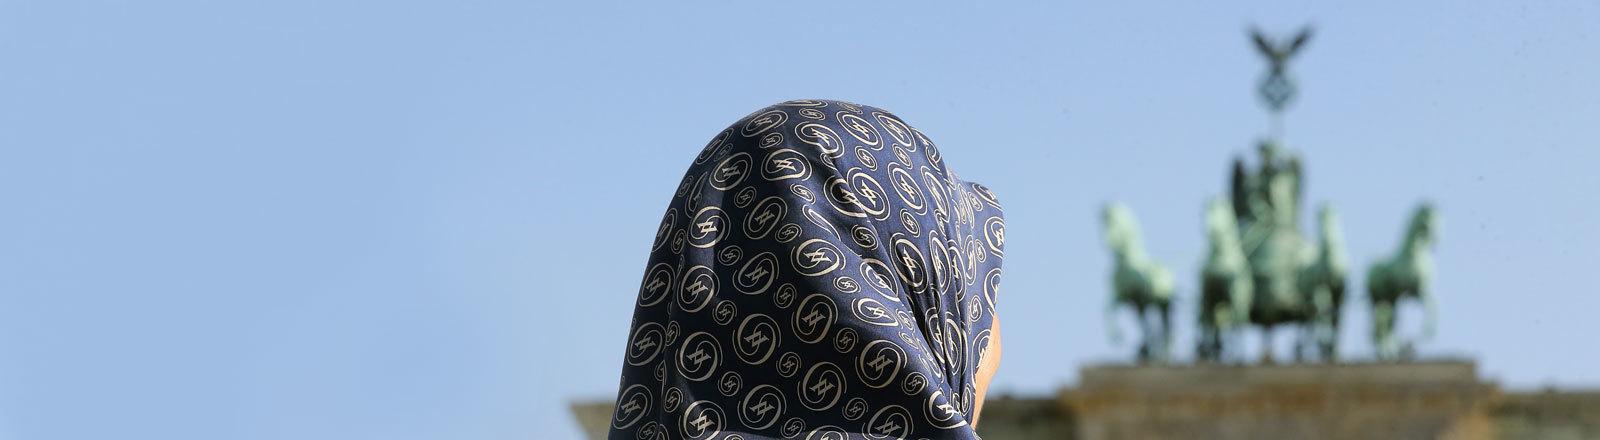 Eine muslimische Frau mit Kopftuch steht am 27.09.2016 vor dem Brandenburger Tor in Berlin